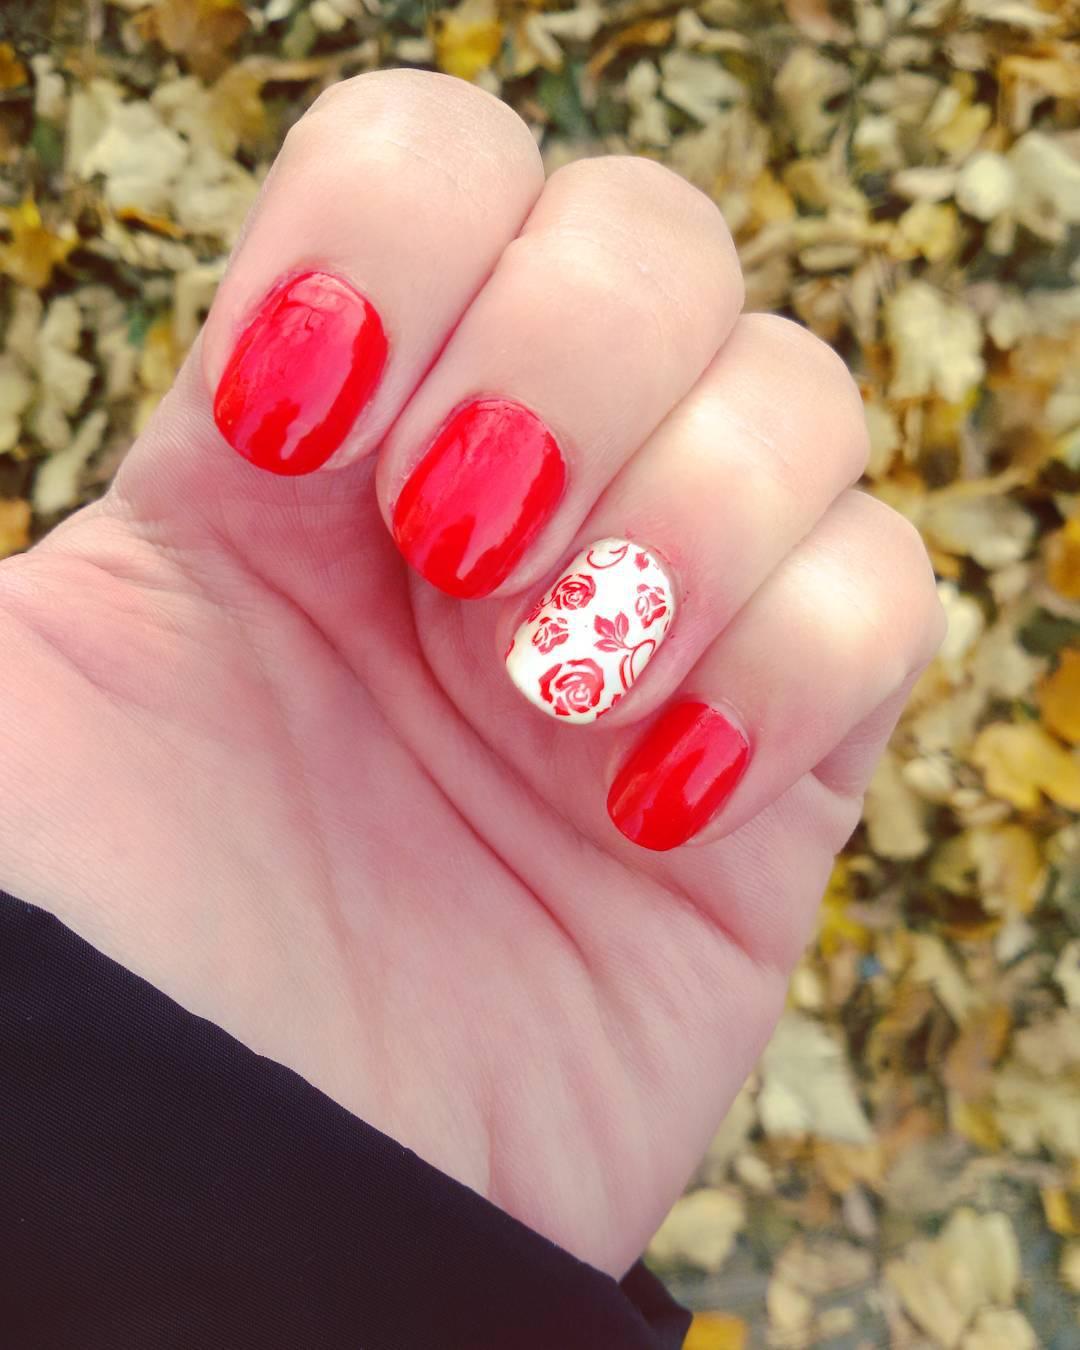 Flower Designed Nail Art Trend